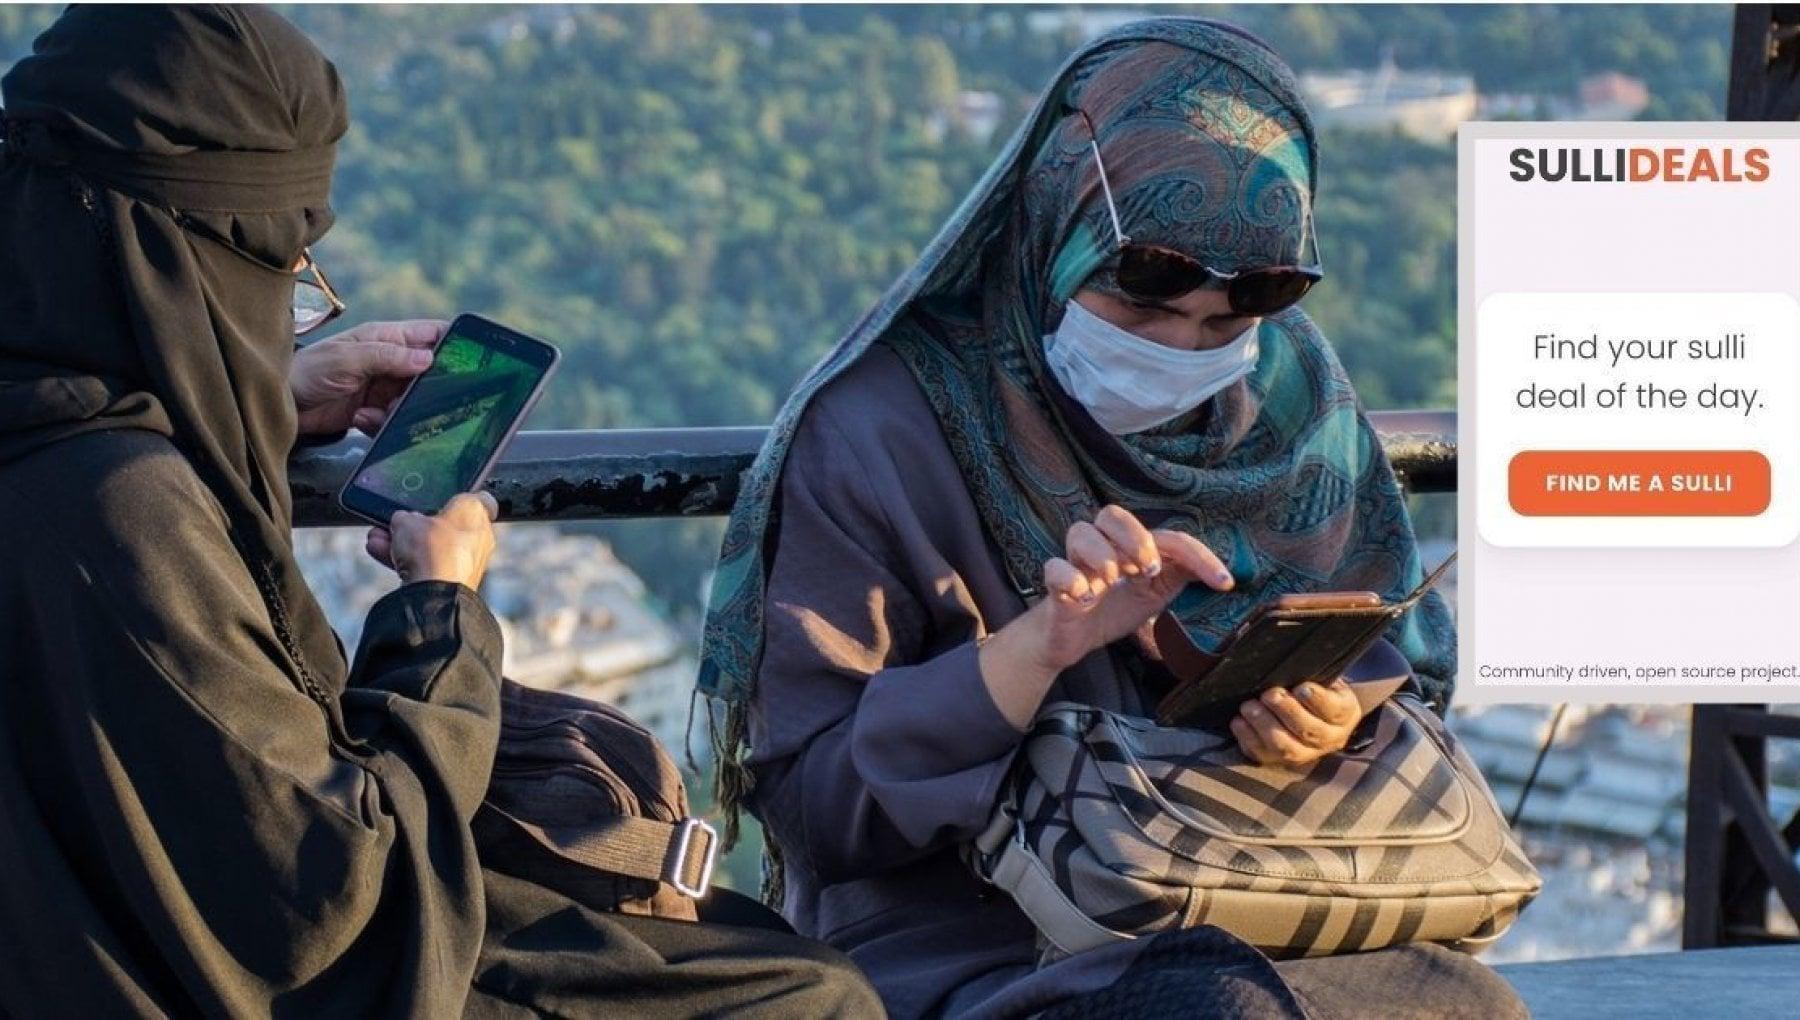 """181845771 5ddf602e e39b 4718 af4e 87a08e850510 - India, donne musulmane messe all'asta online: """"Ci vogliono mettere a tacere"""""""